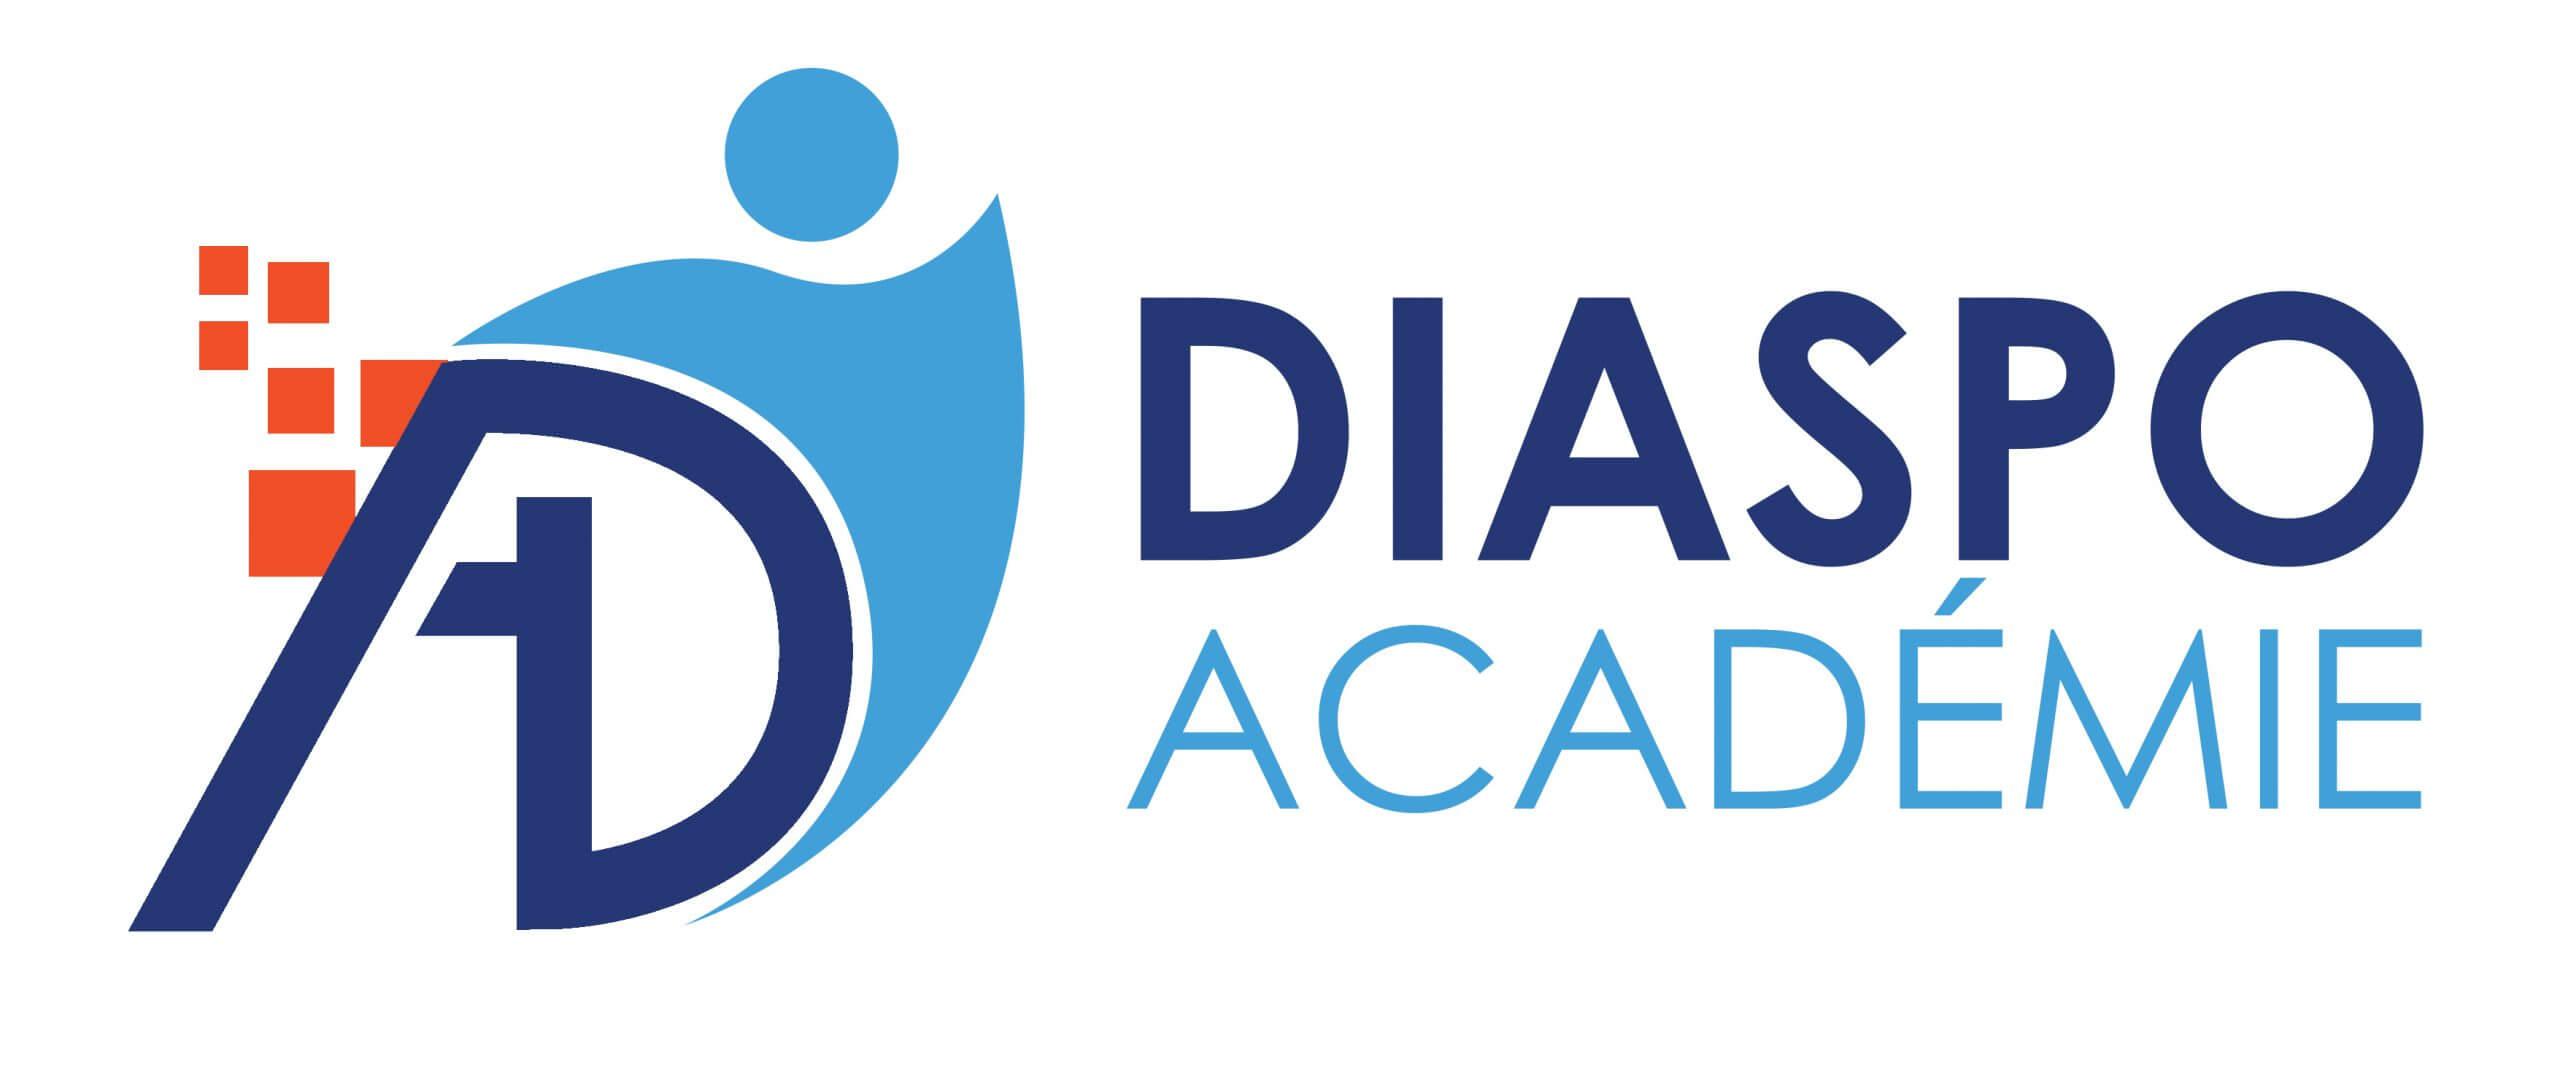 Diaspo Academie